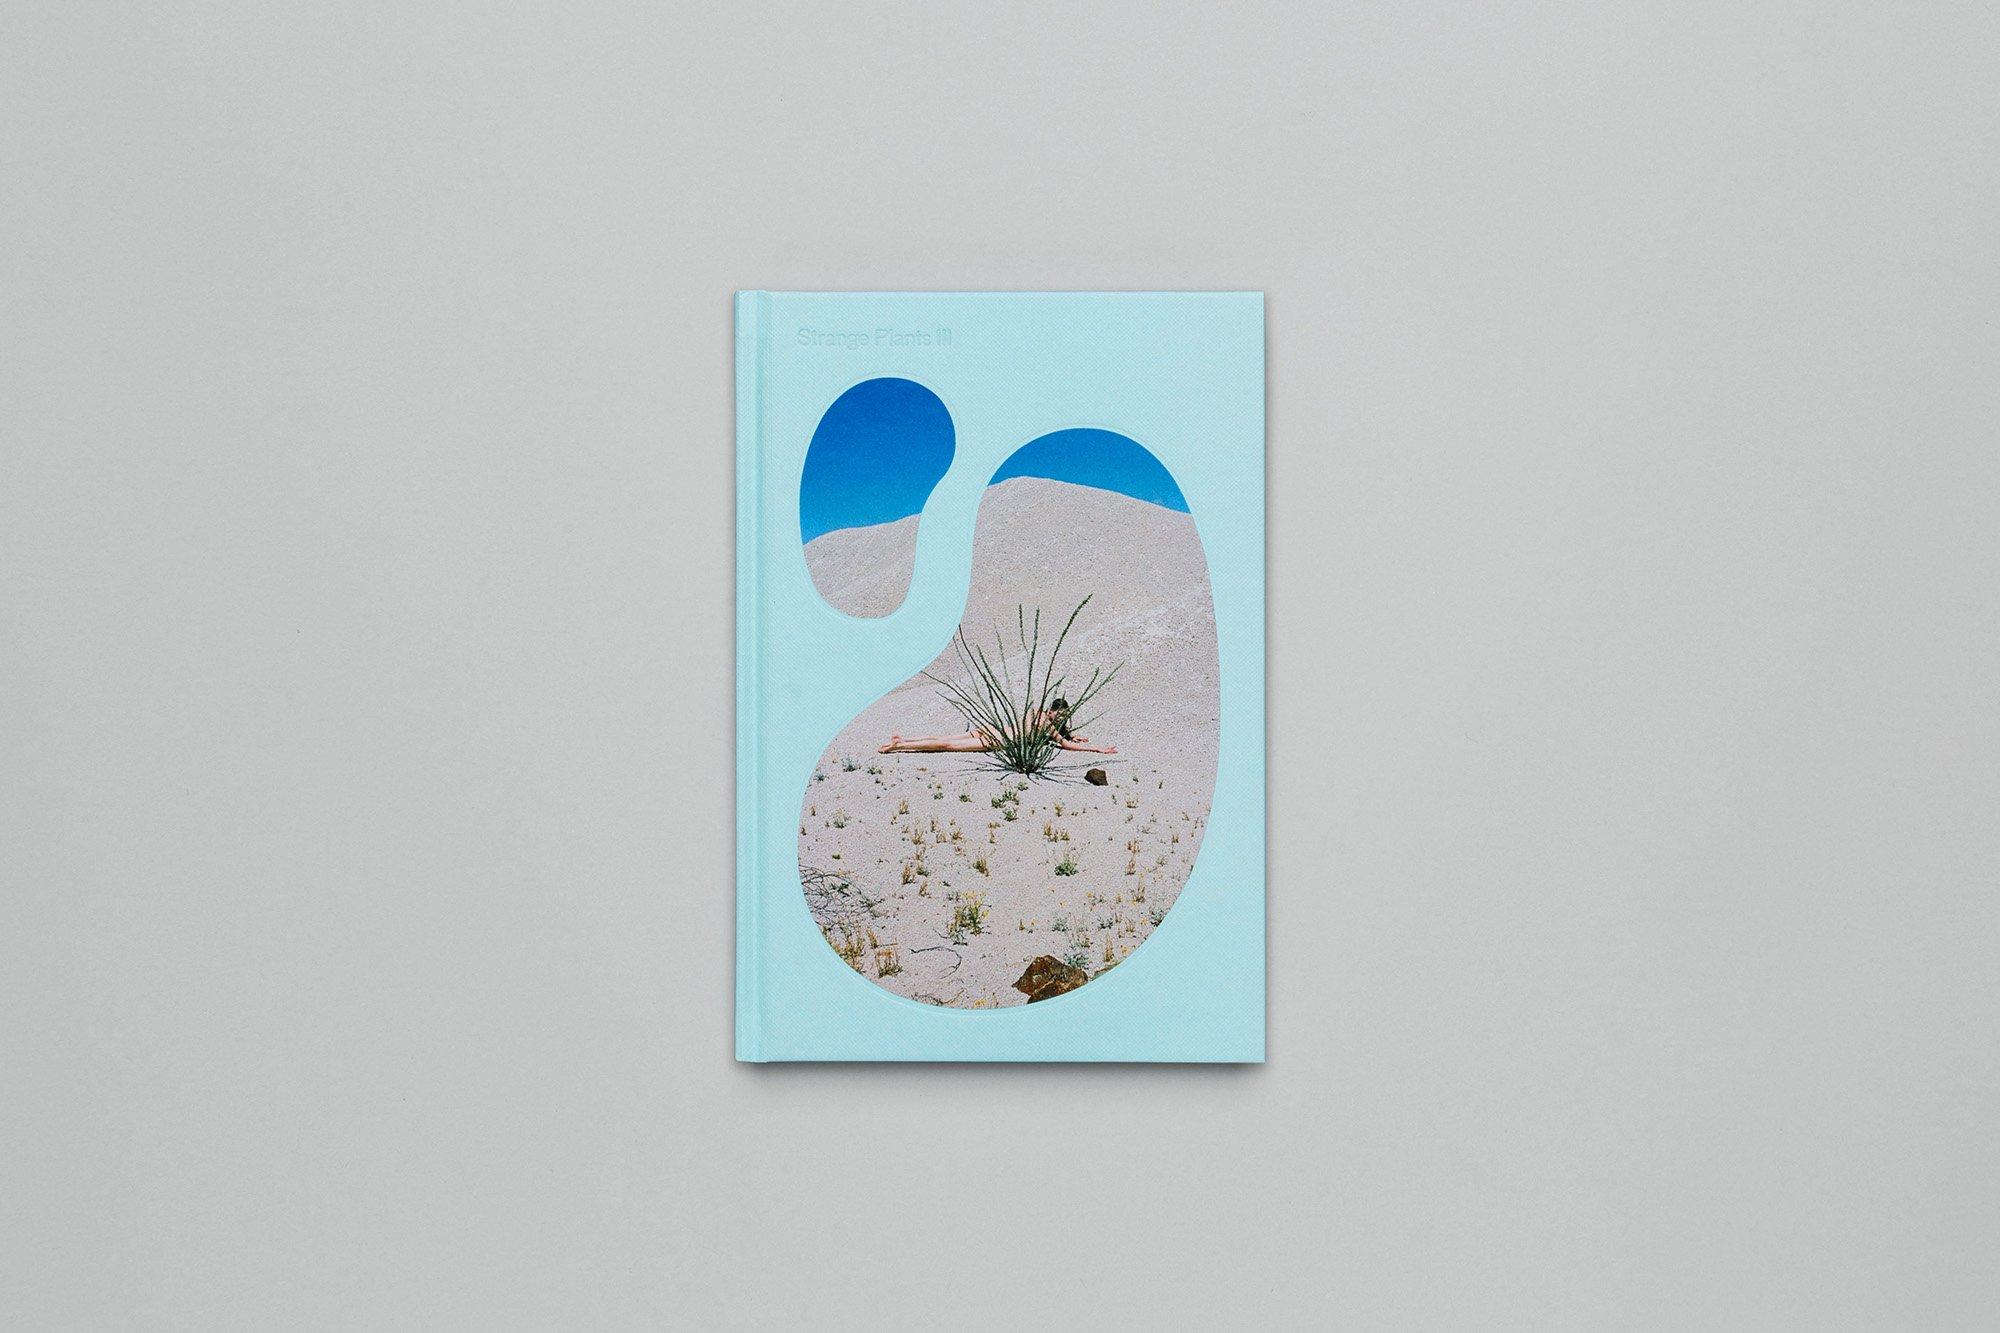 iGNANT-Design-Strange-Plants-iii-Spread-6